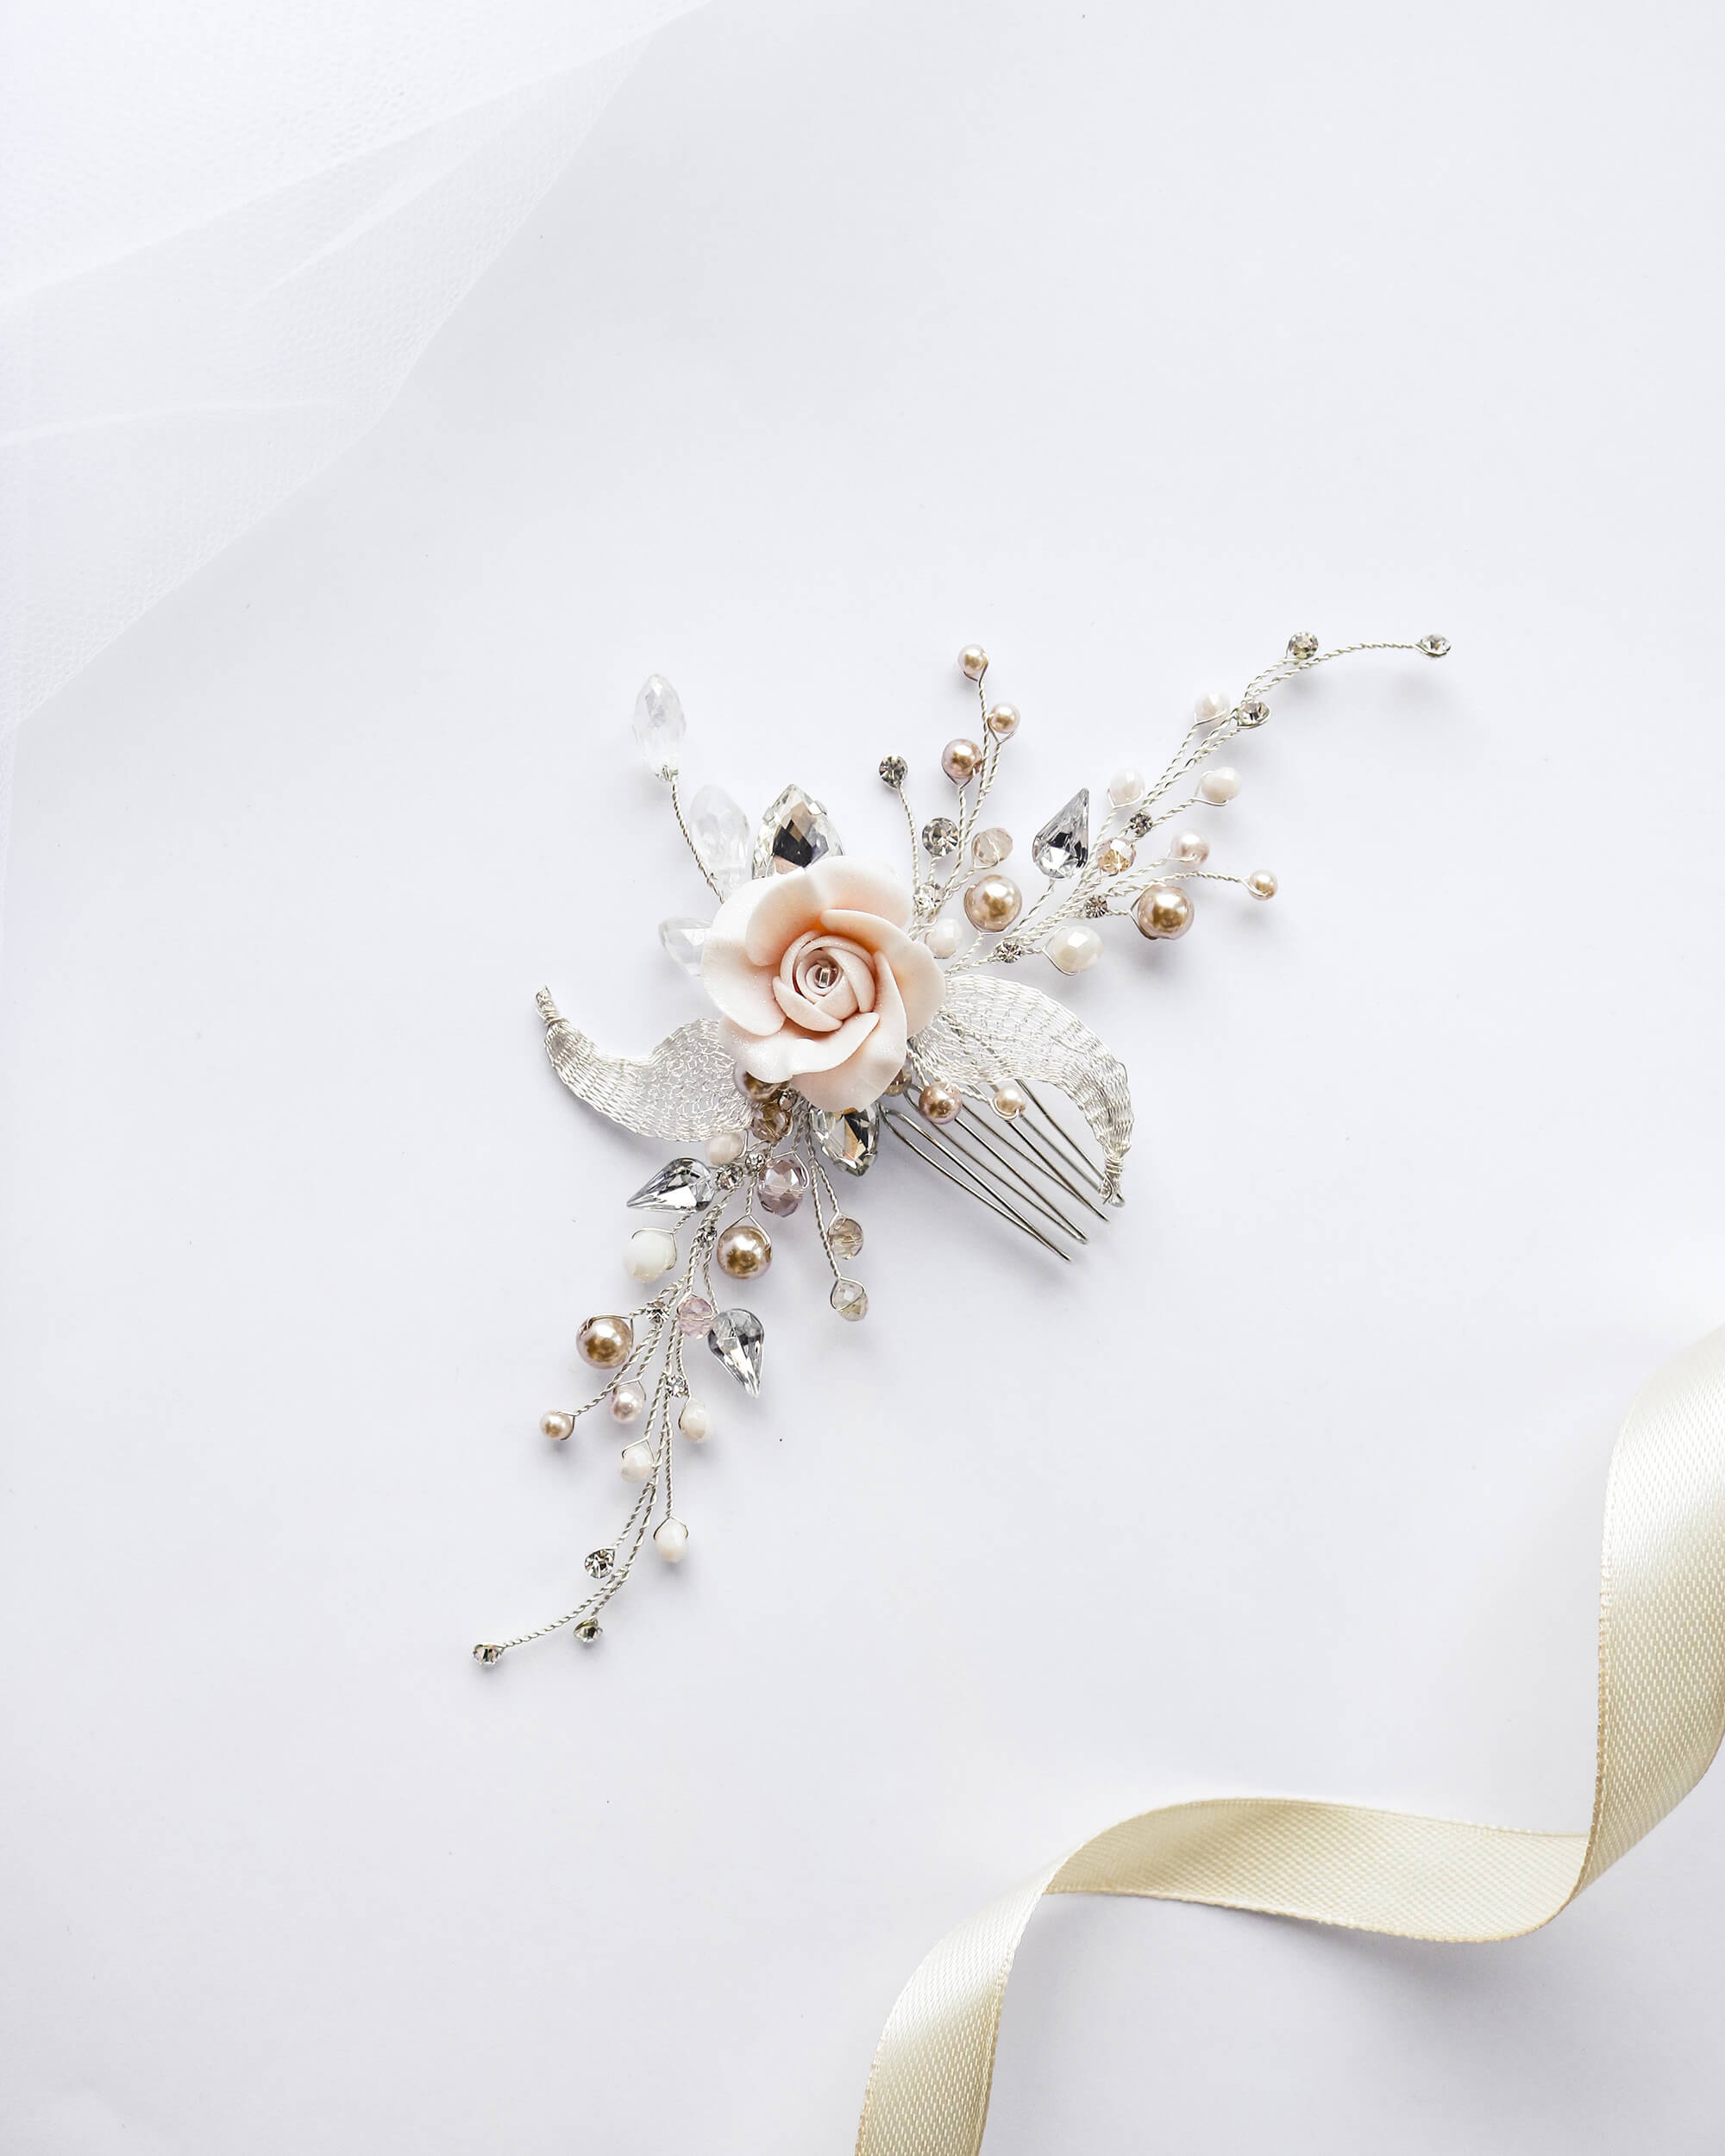 заколки для волос на свадьбу(2) | Vero